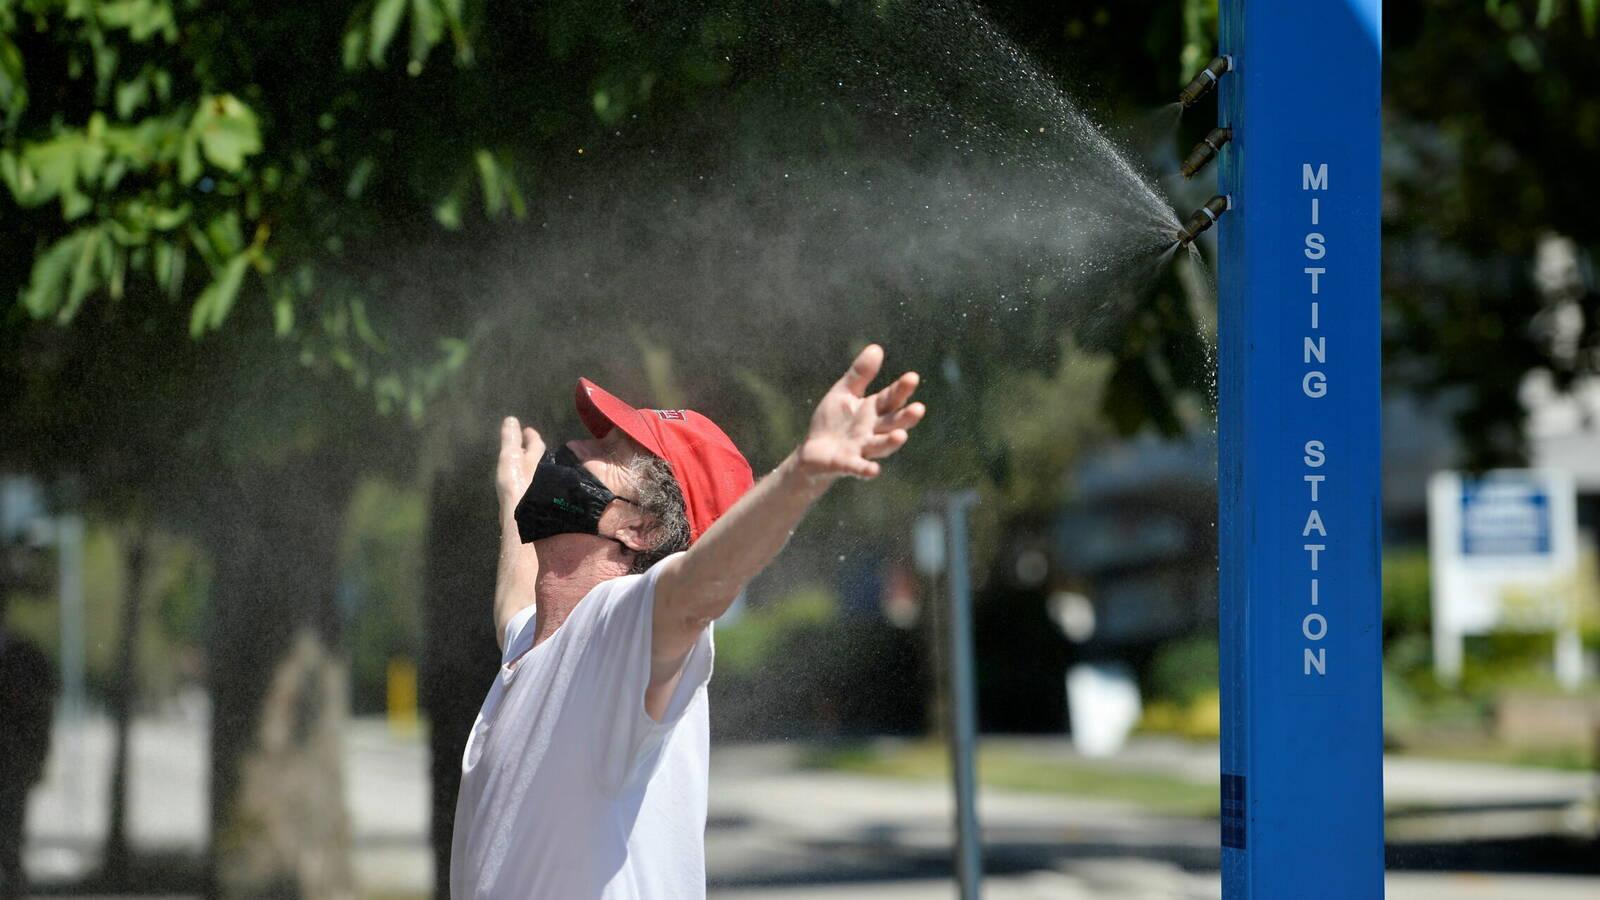 Canadá eleva a centenares las muertes causadas por la ola de calor - Mundo  - Opinión Bolivia